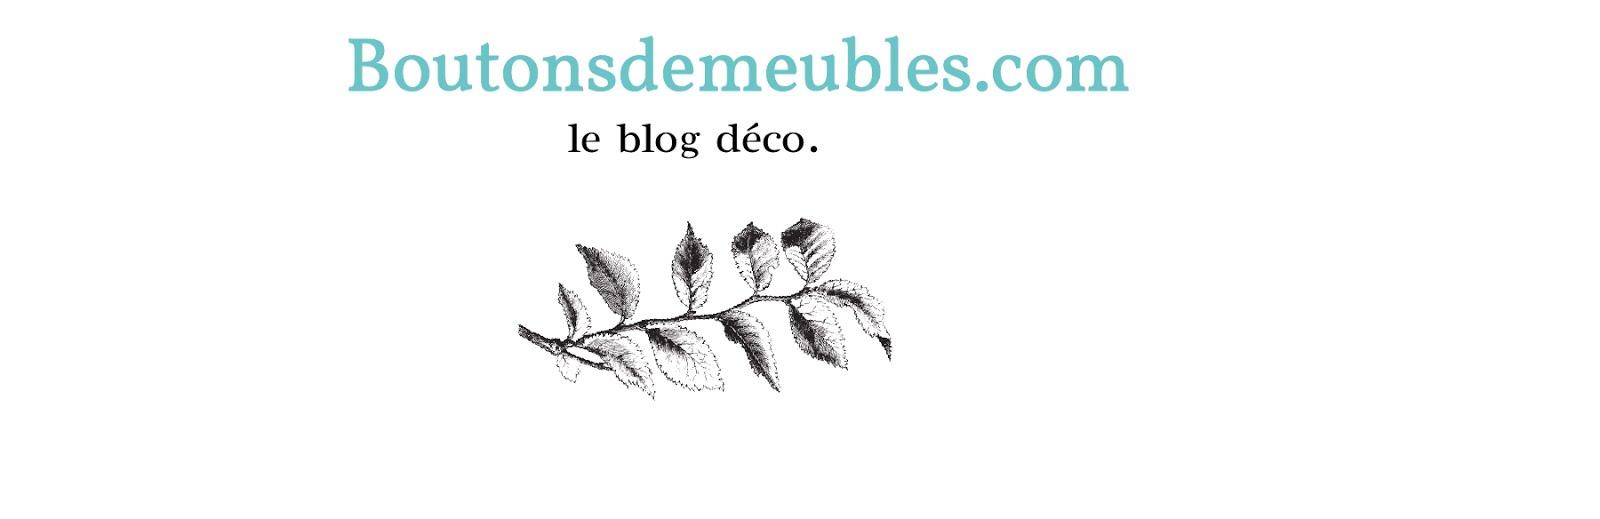 boutonsdemeubles.com